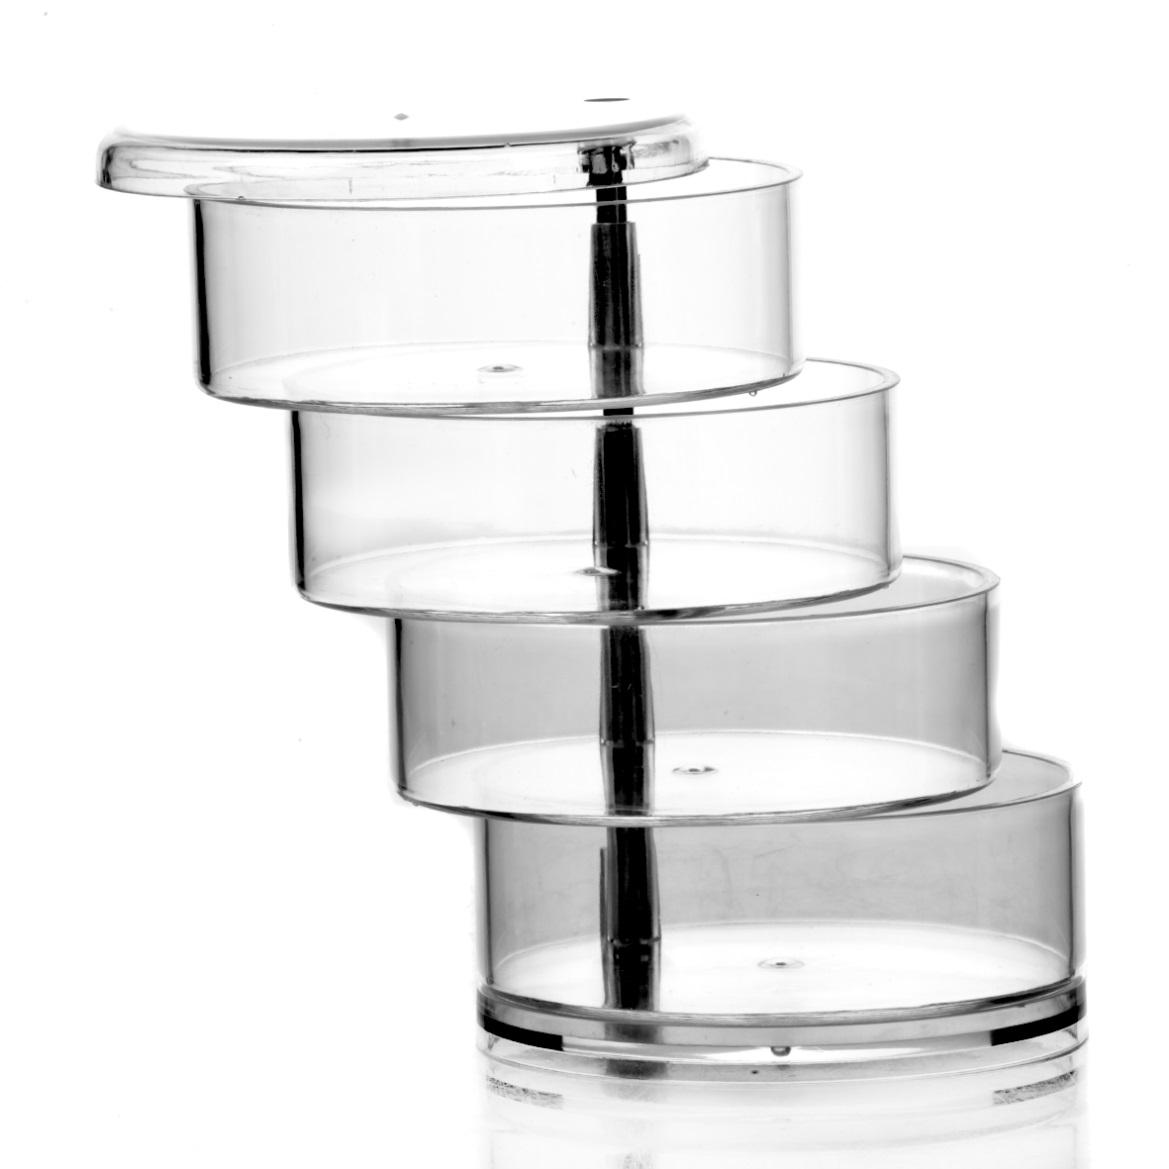 Подставка четырехъярусная House & HolderXZH001Подставка с крышкой House & Holder отлично подойдет для хранения украшений или косметики. Выполнена из прозрачного пластика. Подставка имеет 4 яруса, которые можно смещать для удобства использования.Размер подставки: 11,5 см х 11,5 см х 18 см.Размер яруса: 11,5 см х 11,5 см х 3,5 см.